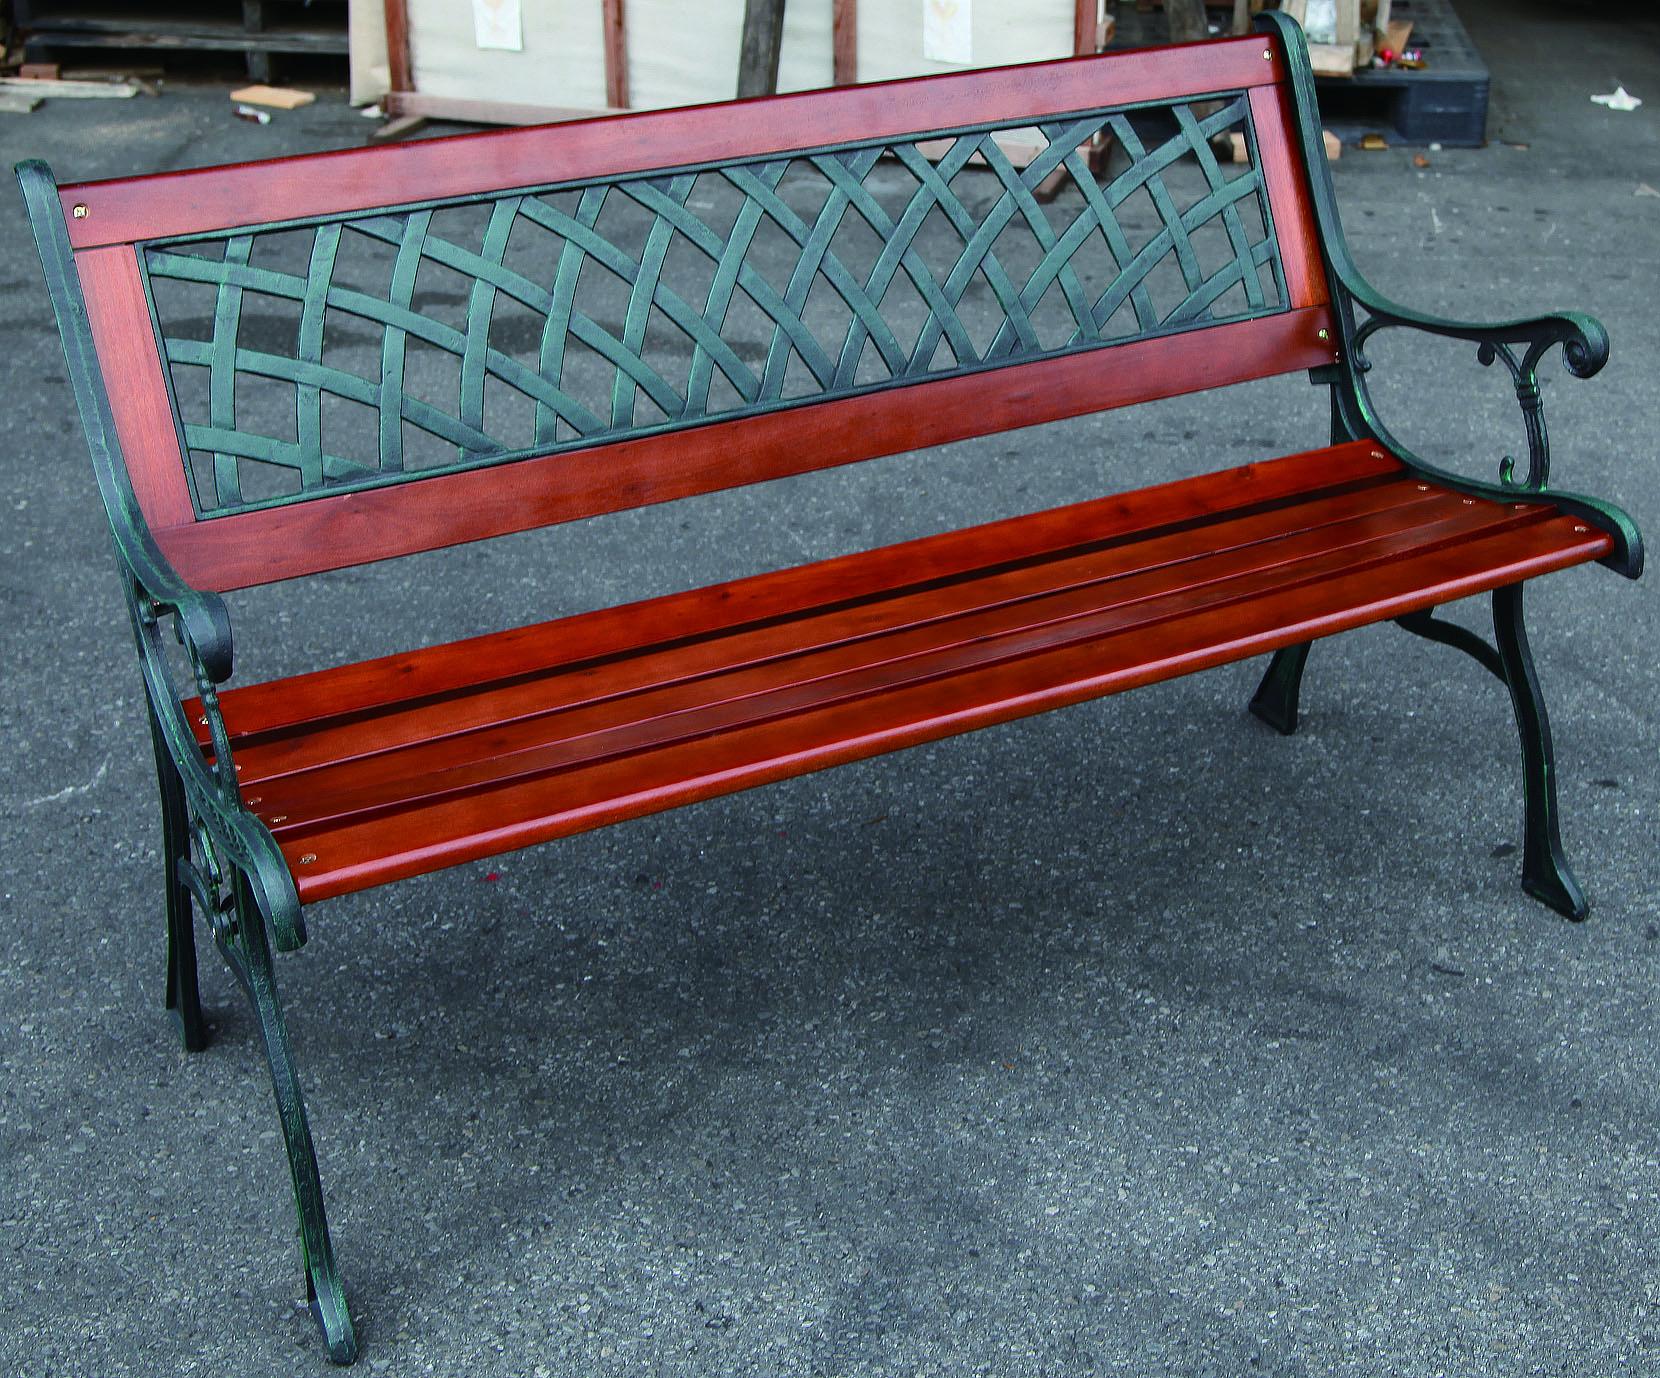 クロスベンチ 木製 ガーデンチェアー ガーデンベンチ 長椅子 イス チェア チェアー 椅子 おしゃれ アンティーク モダン レトロ